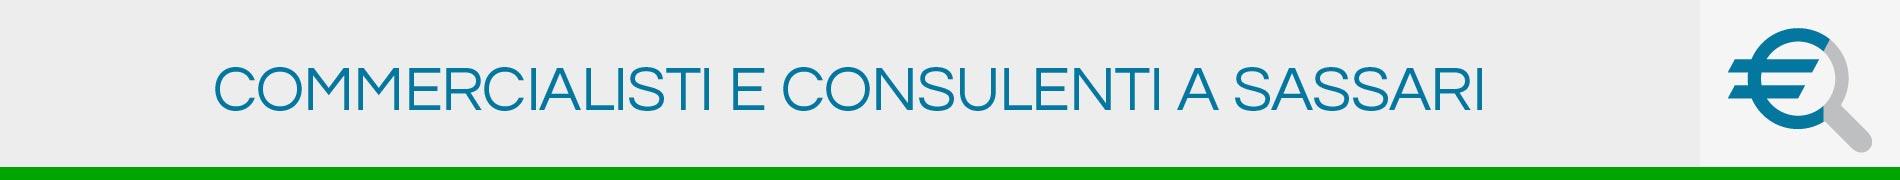 Commercialisti e Consulenti a Sassari